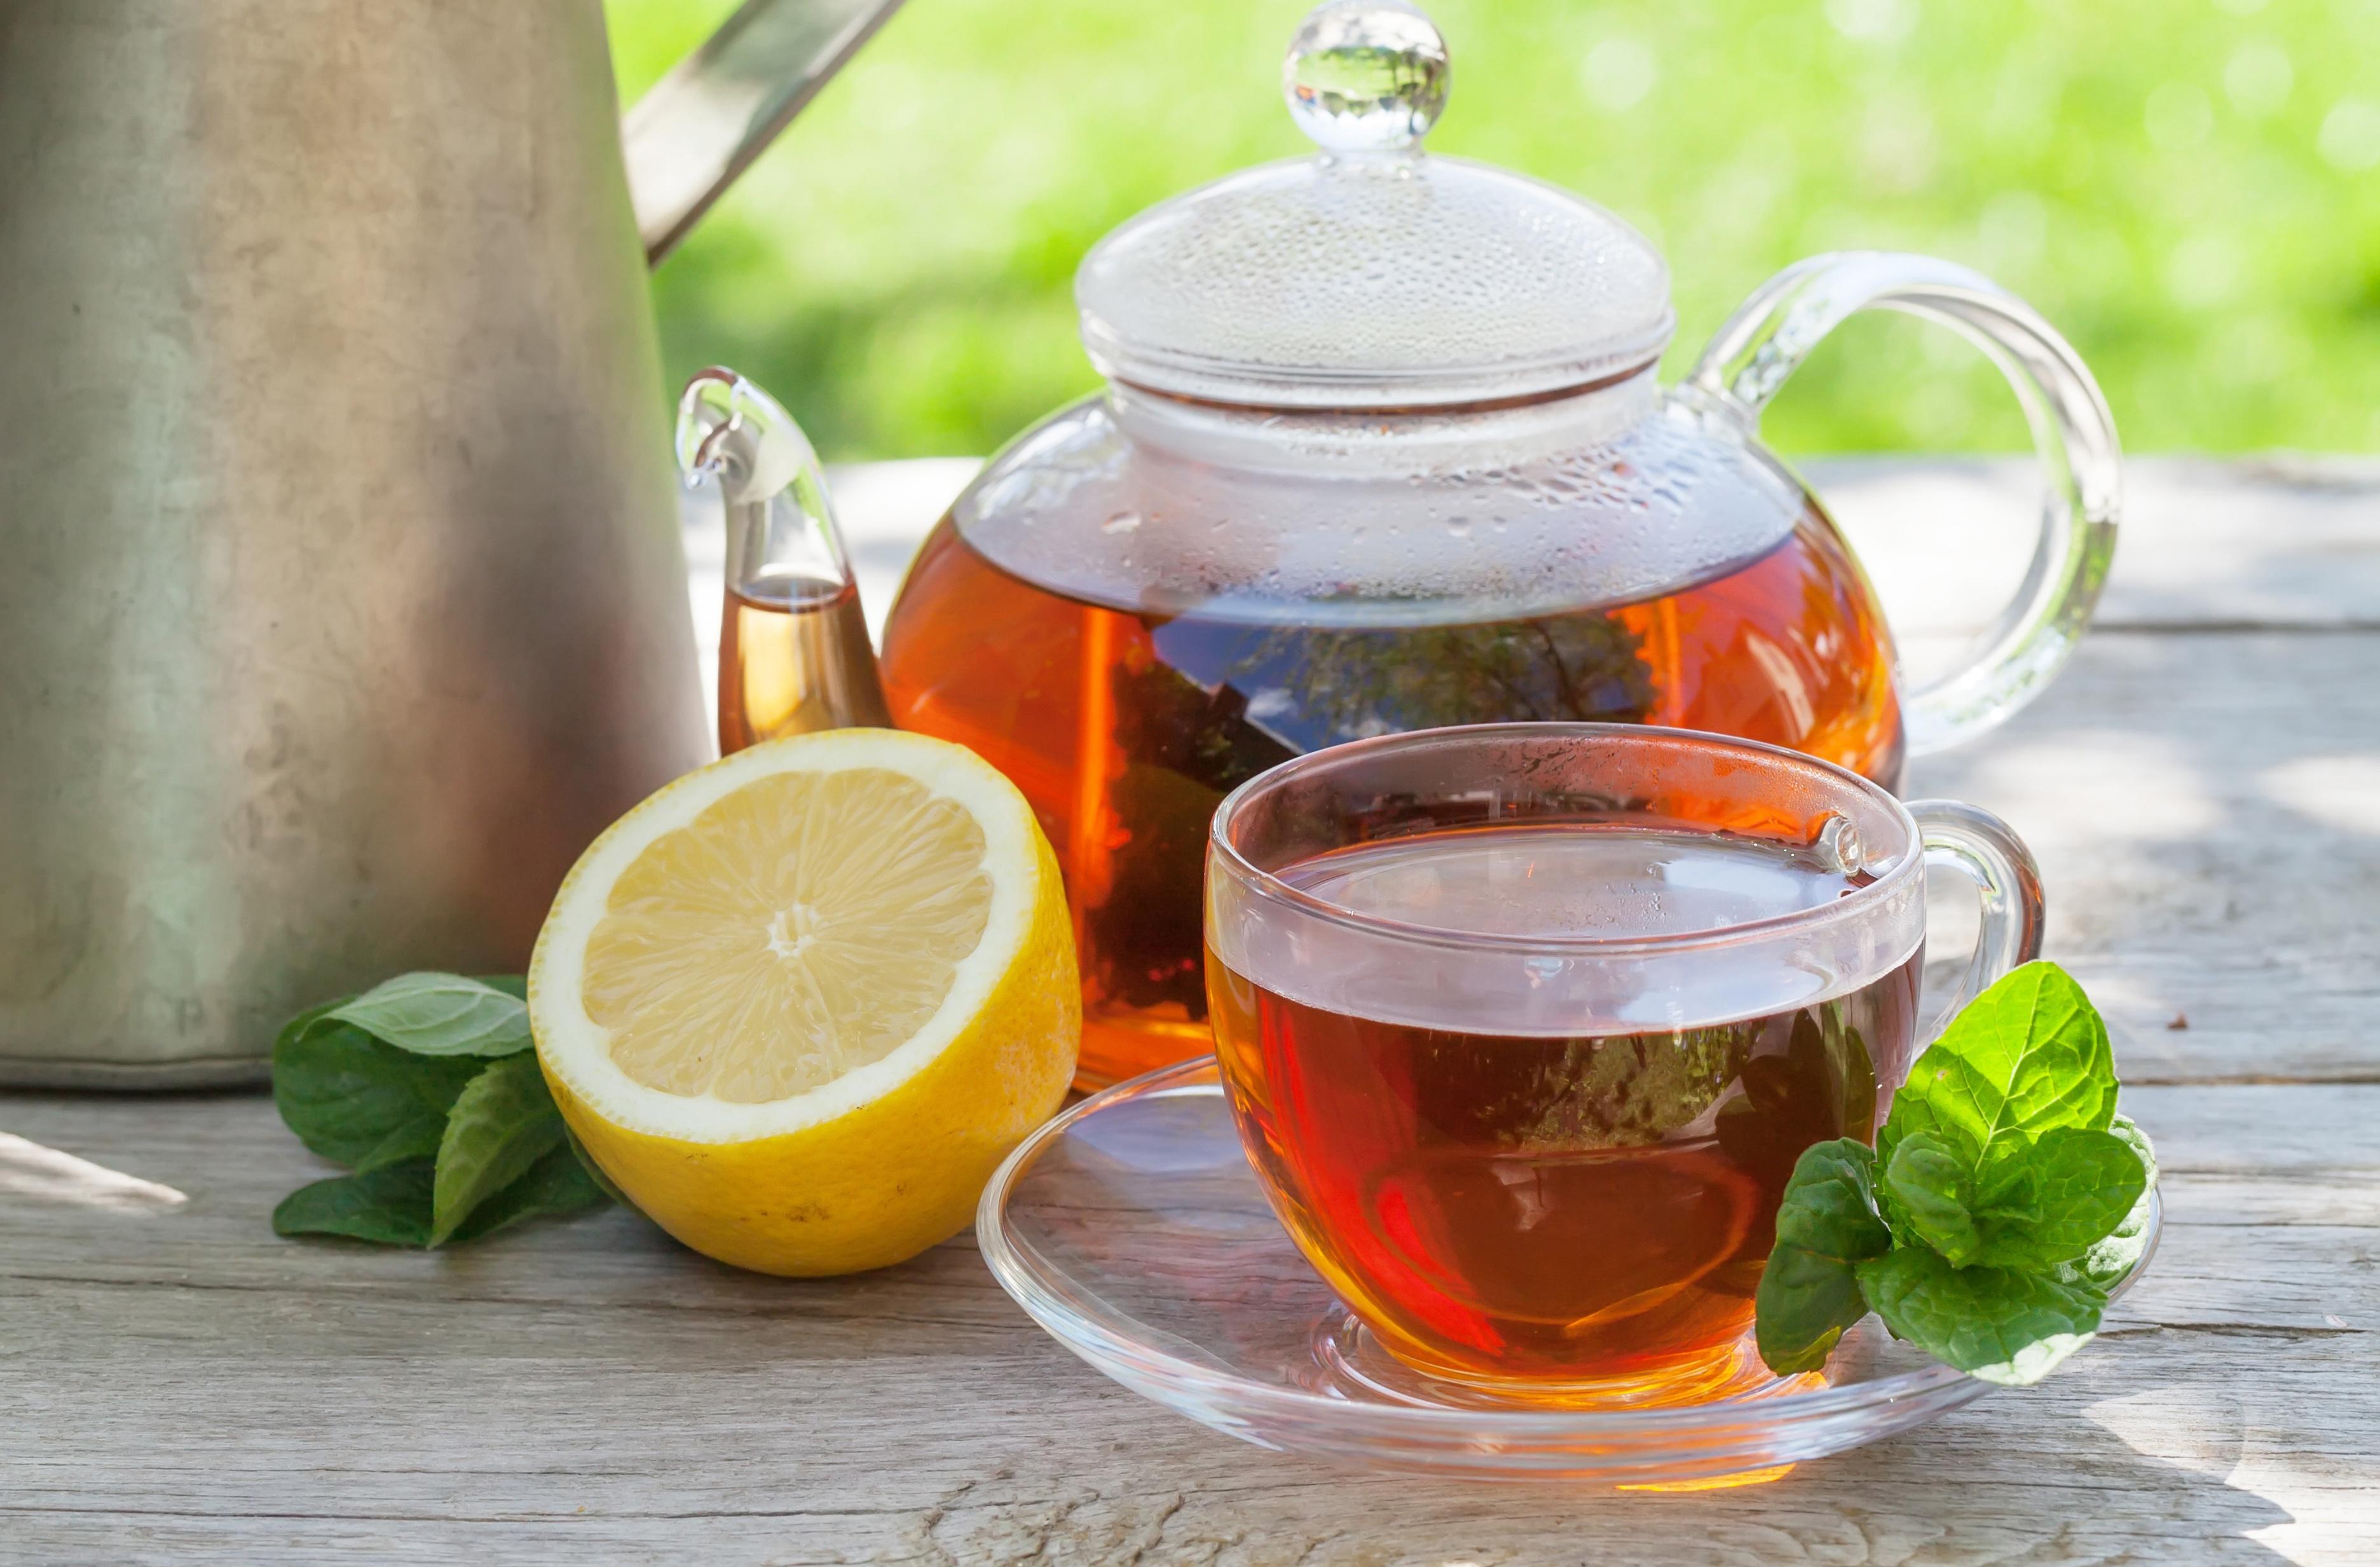 превыше картинка кружка чая с лимоном которые